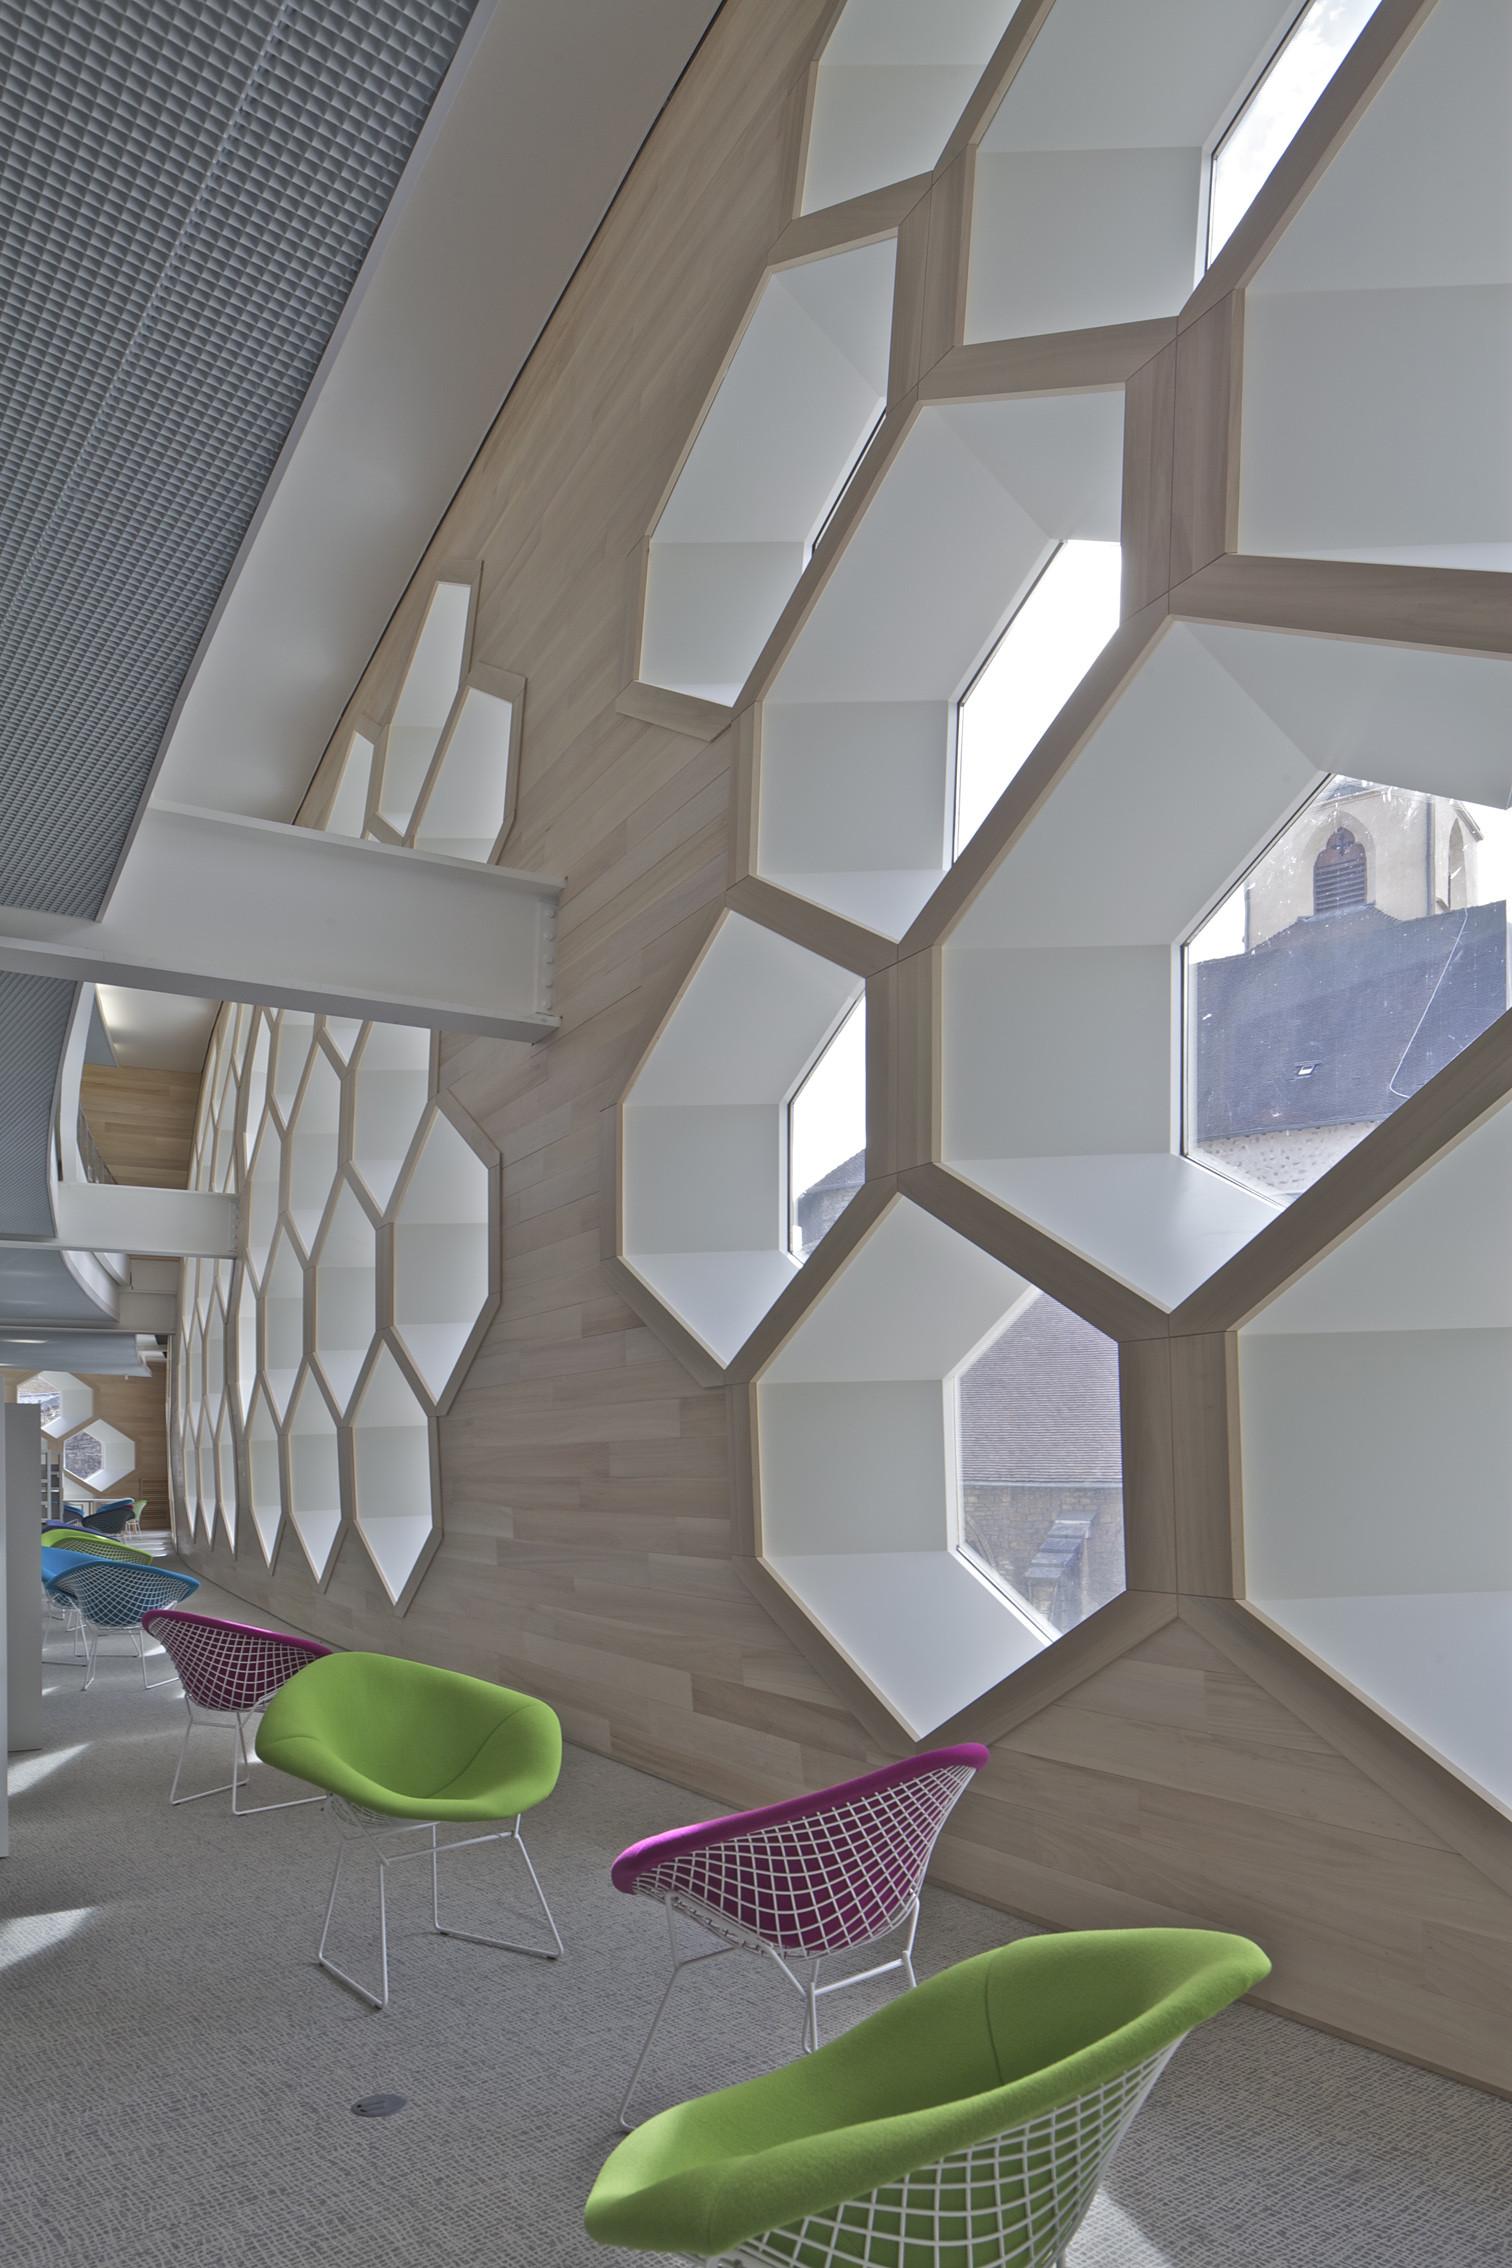 galer a de lons le saunier mediatheque du besset lyon architectes 12. Black Bedroom Furniture Sets. Home Design Ideas